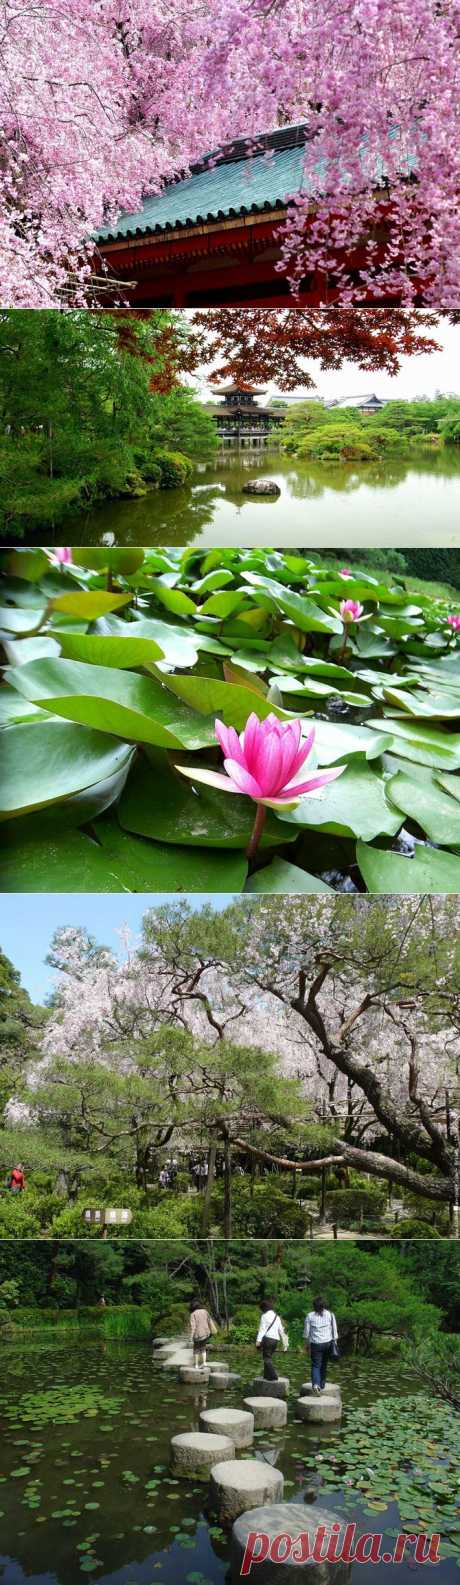 Японские сады храма Хэйан-джингу | Мой отпуск - делимся впечатлениями!